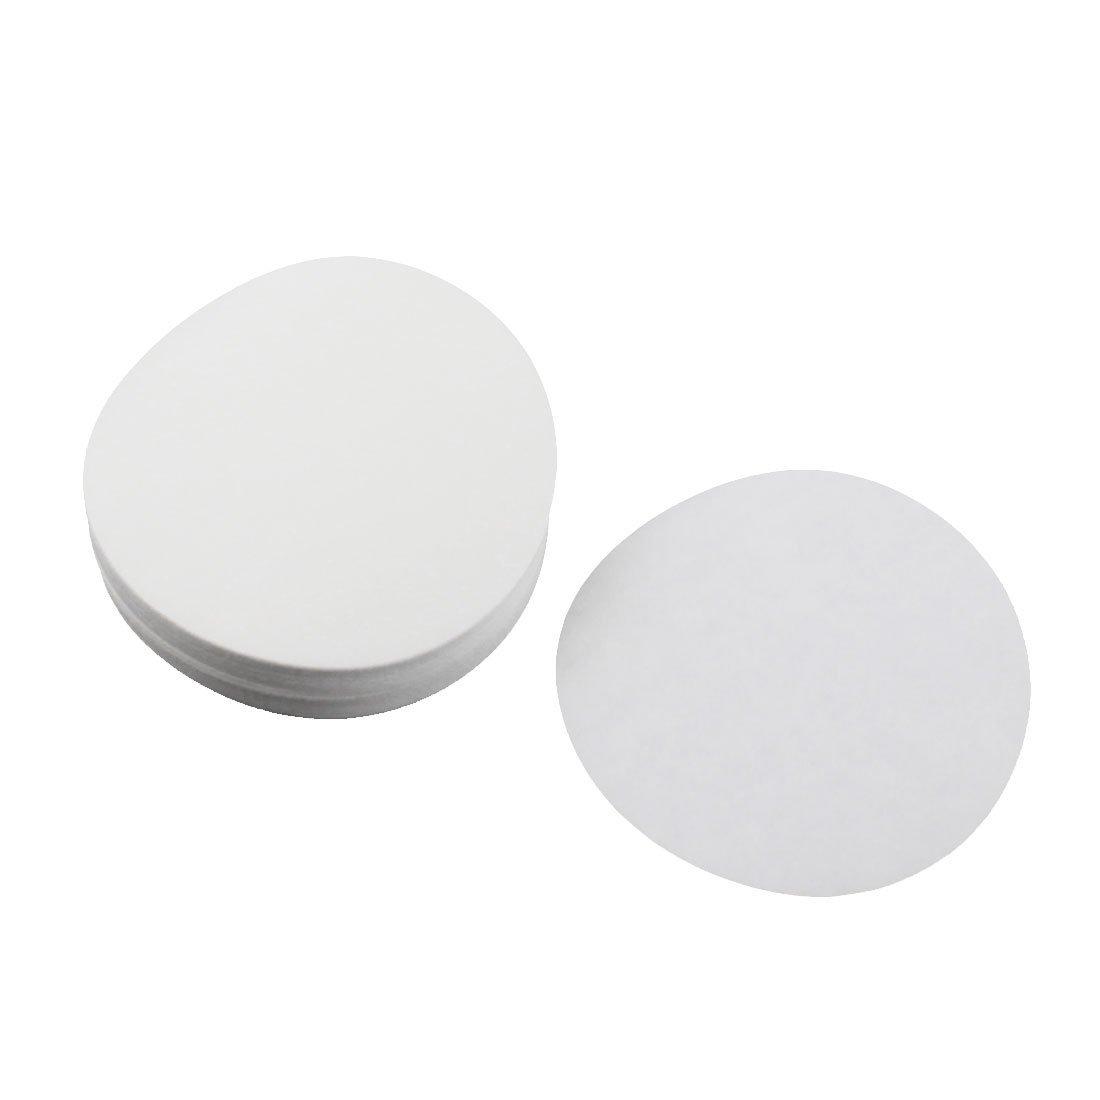 100Pz 7cm Dia cerchio medio flusso tcomeso 102 qualitativo filtro carta